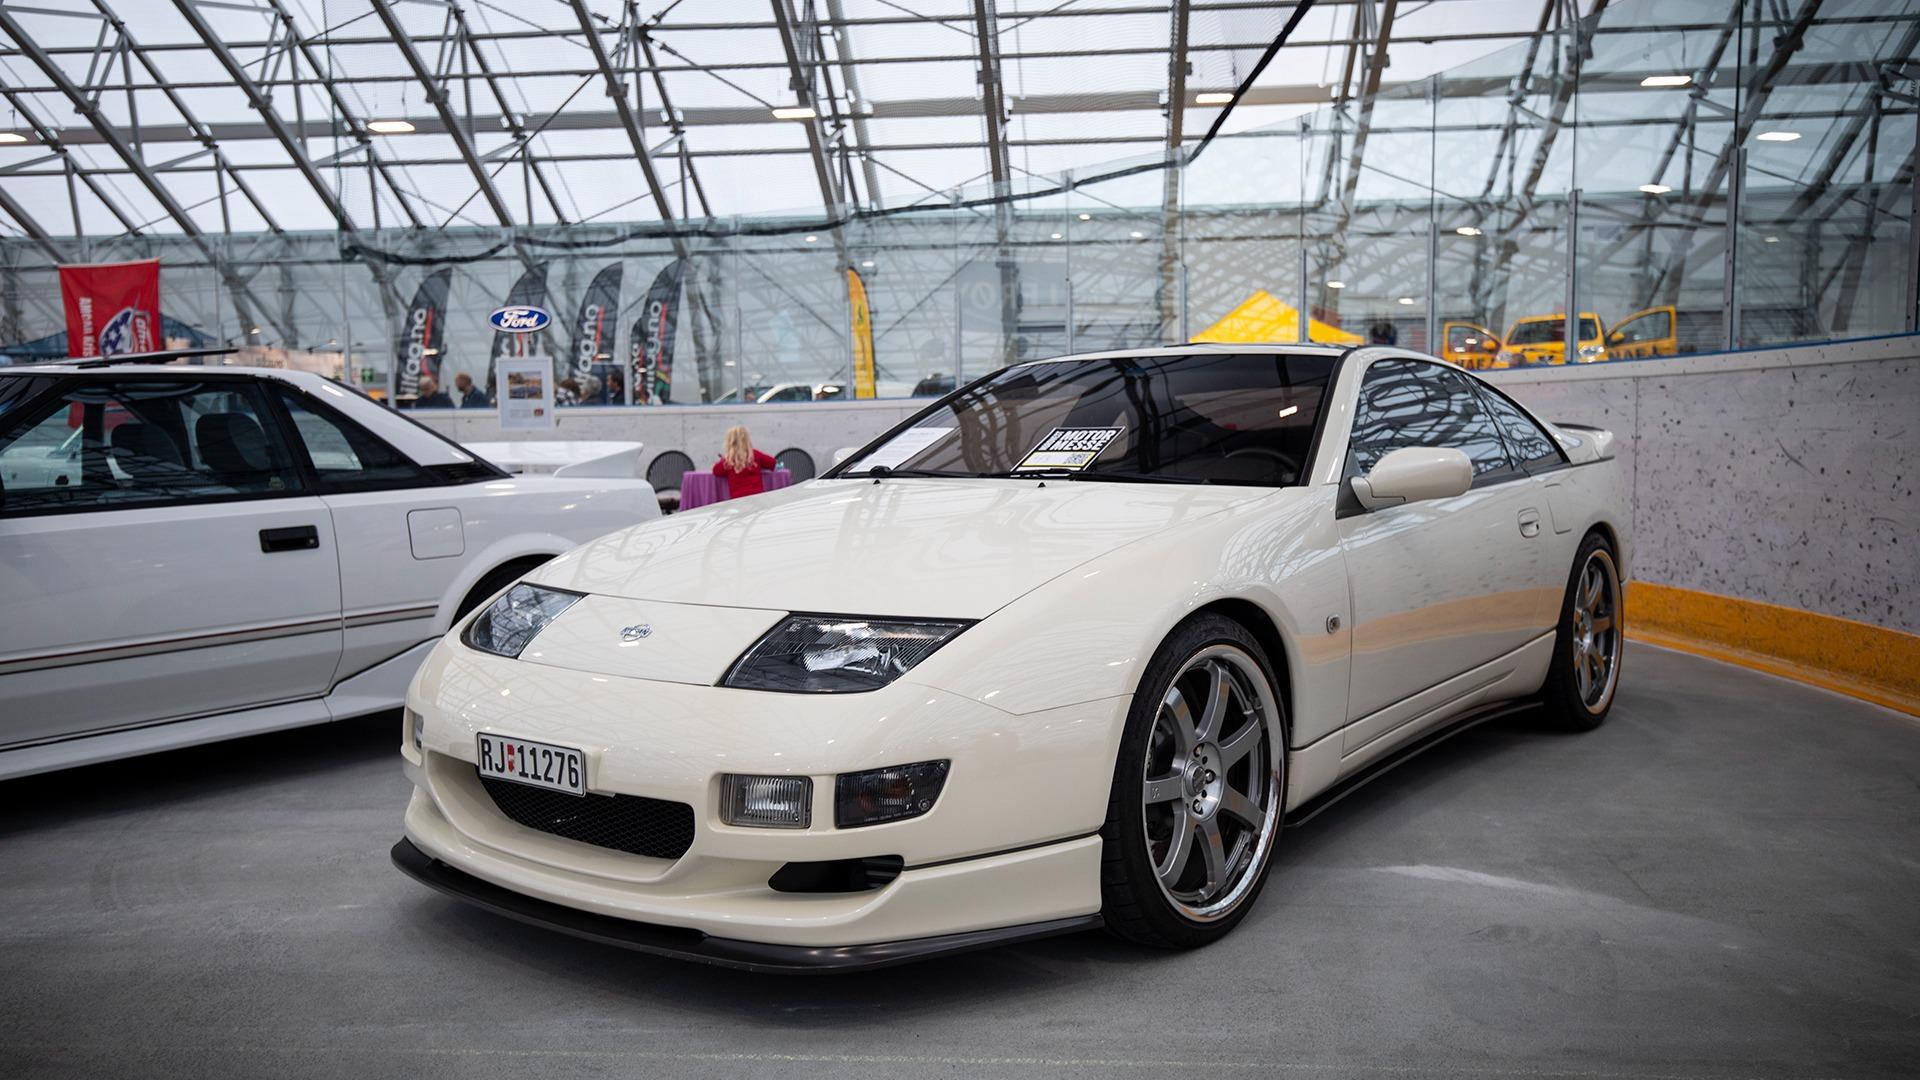 Japanske biler skulle også få plass, her representert ved en smakfull Nissan 300ZX.